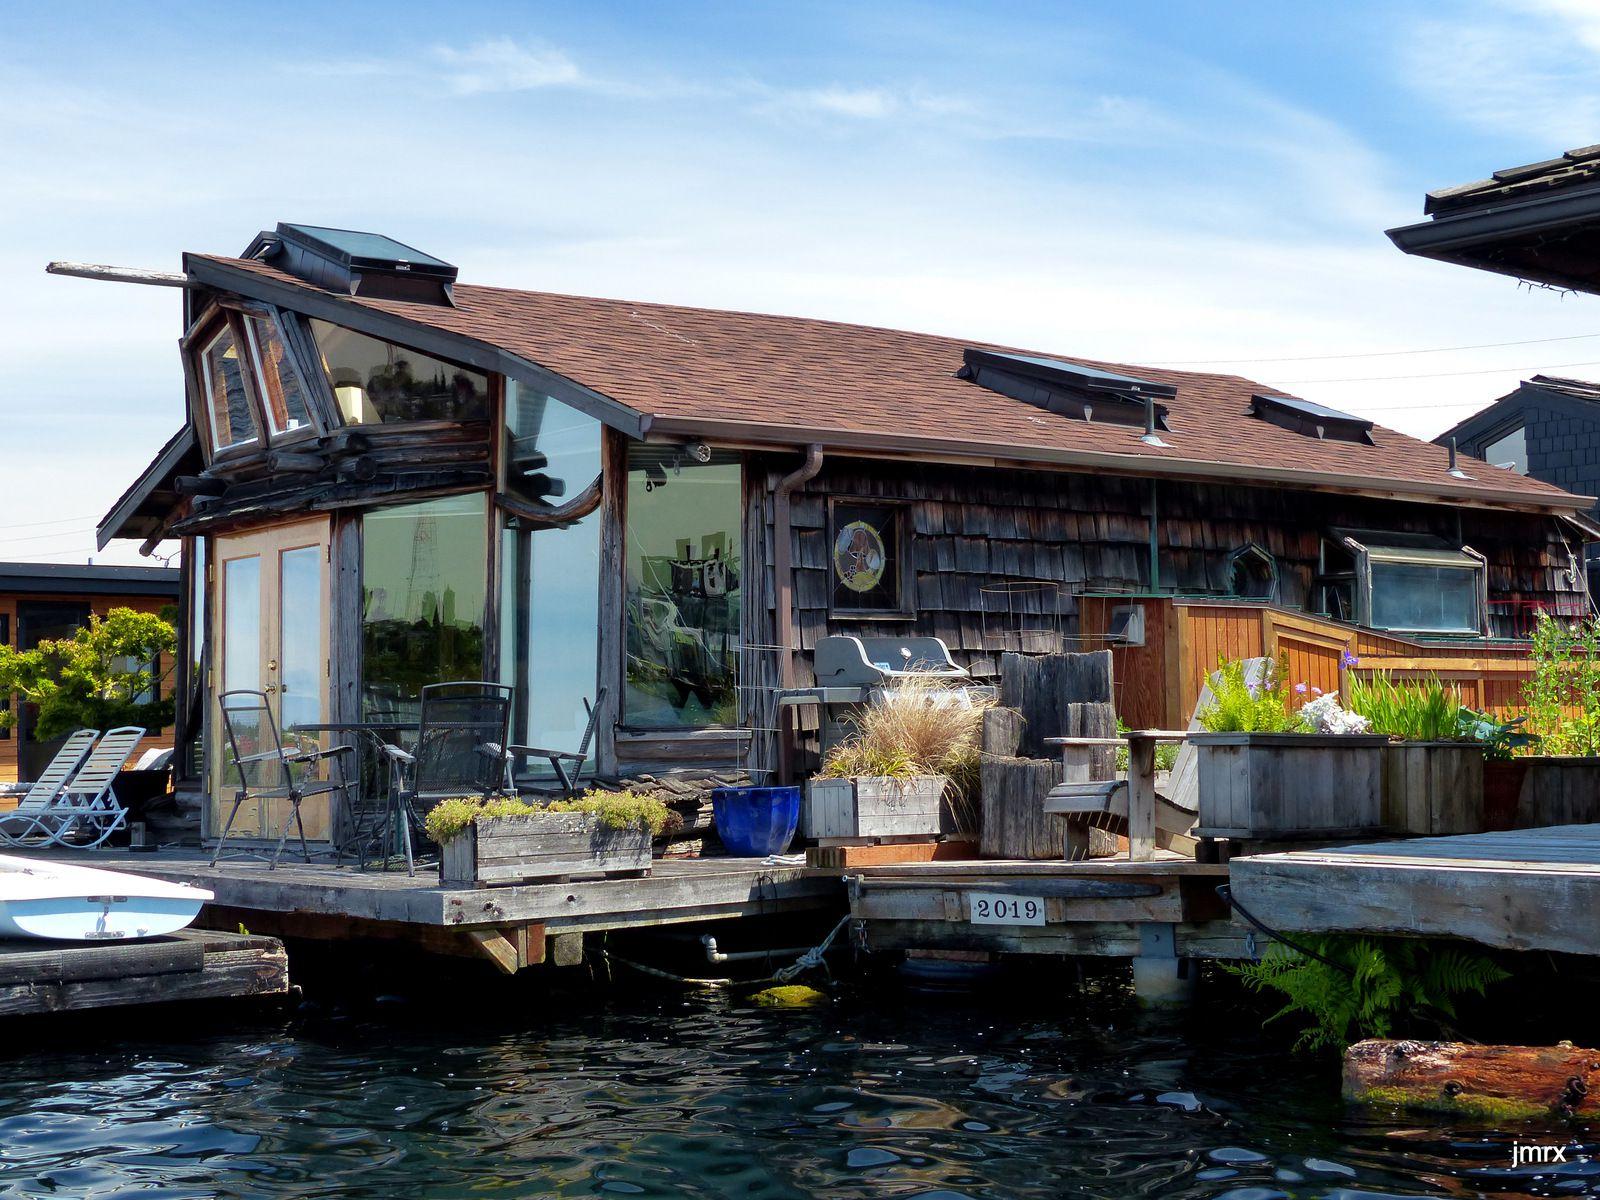 Quelques unes de ces maisons flottantes de Seattle. Un régal pour l'oeil.